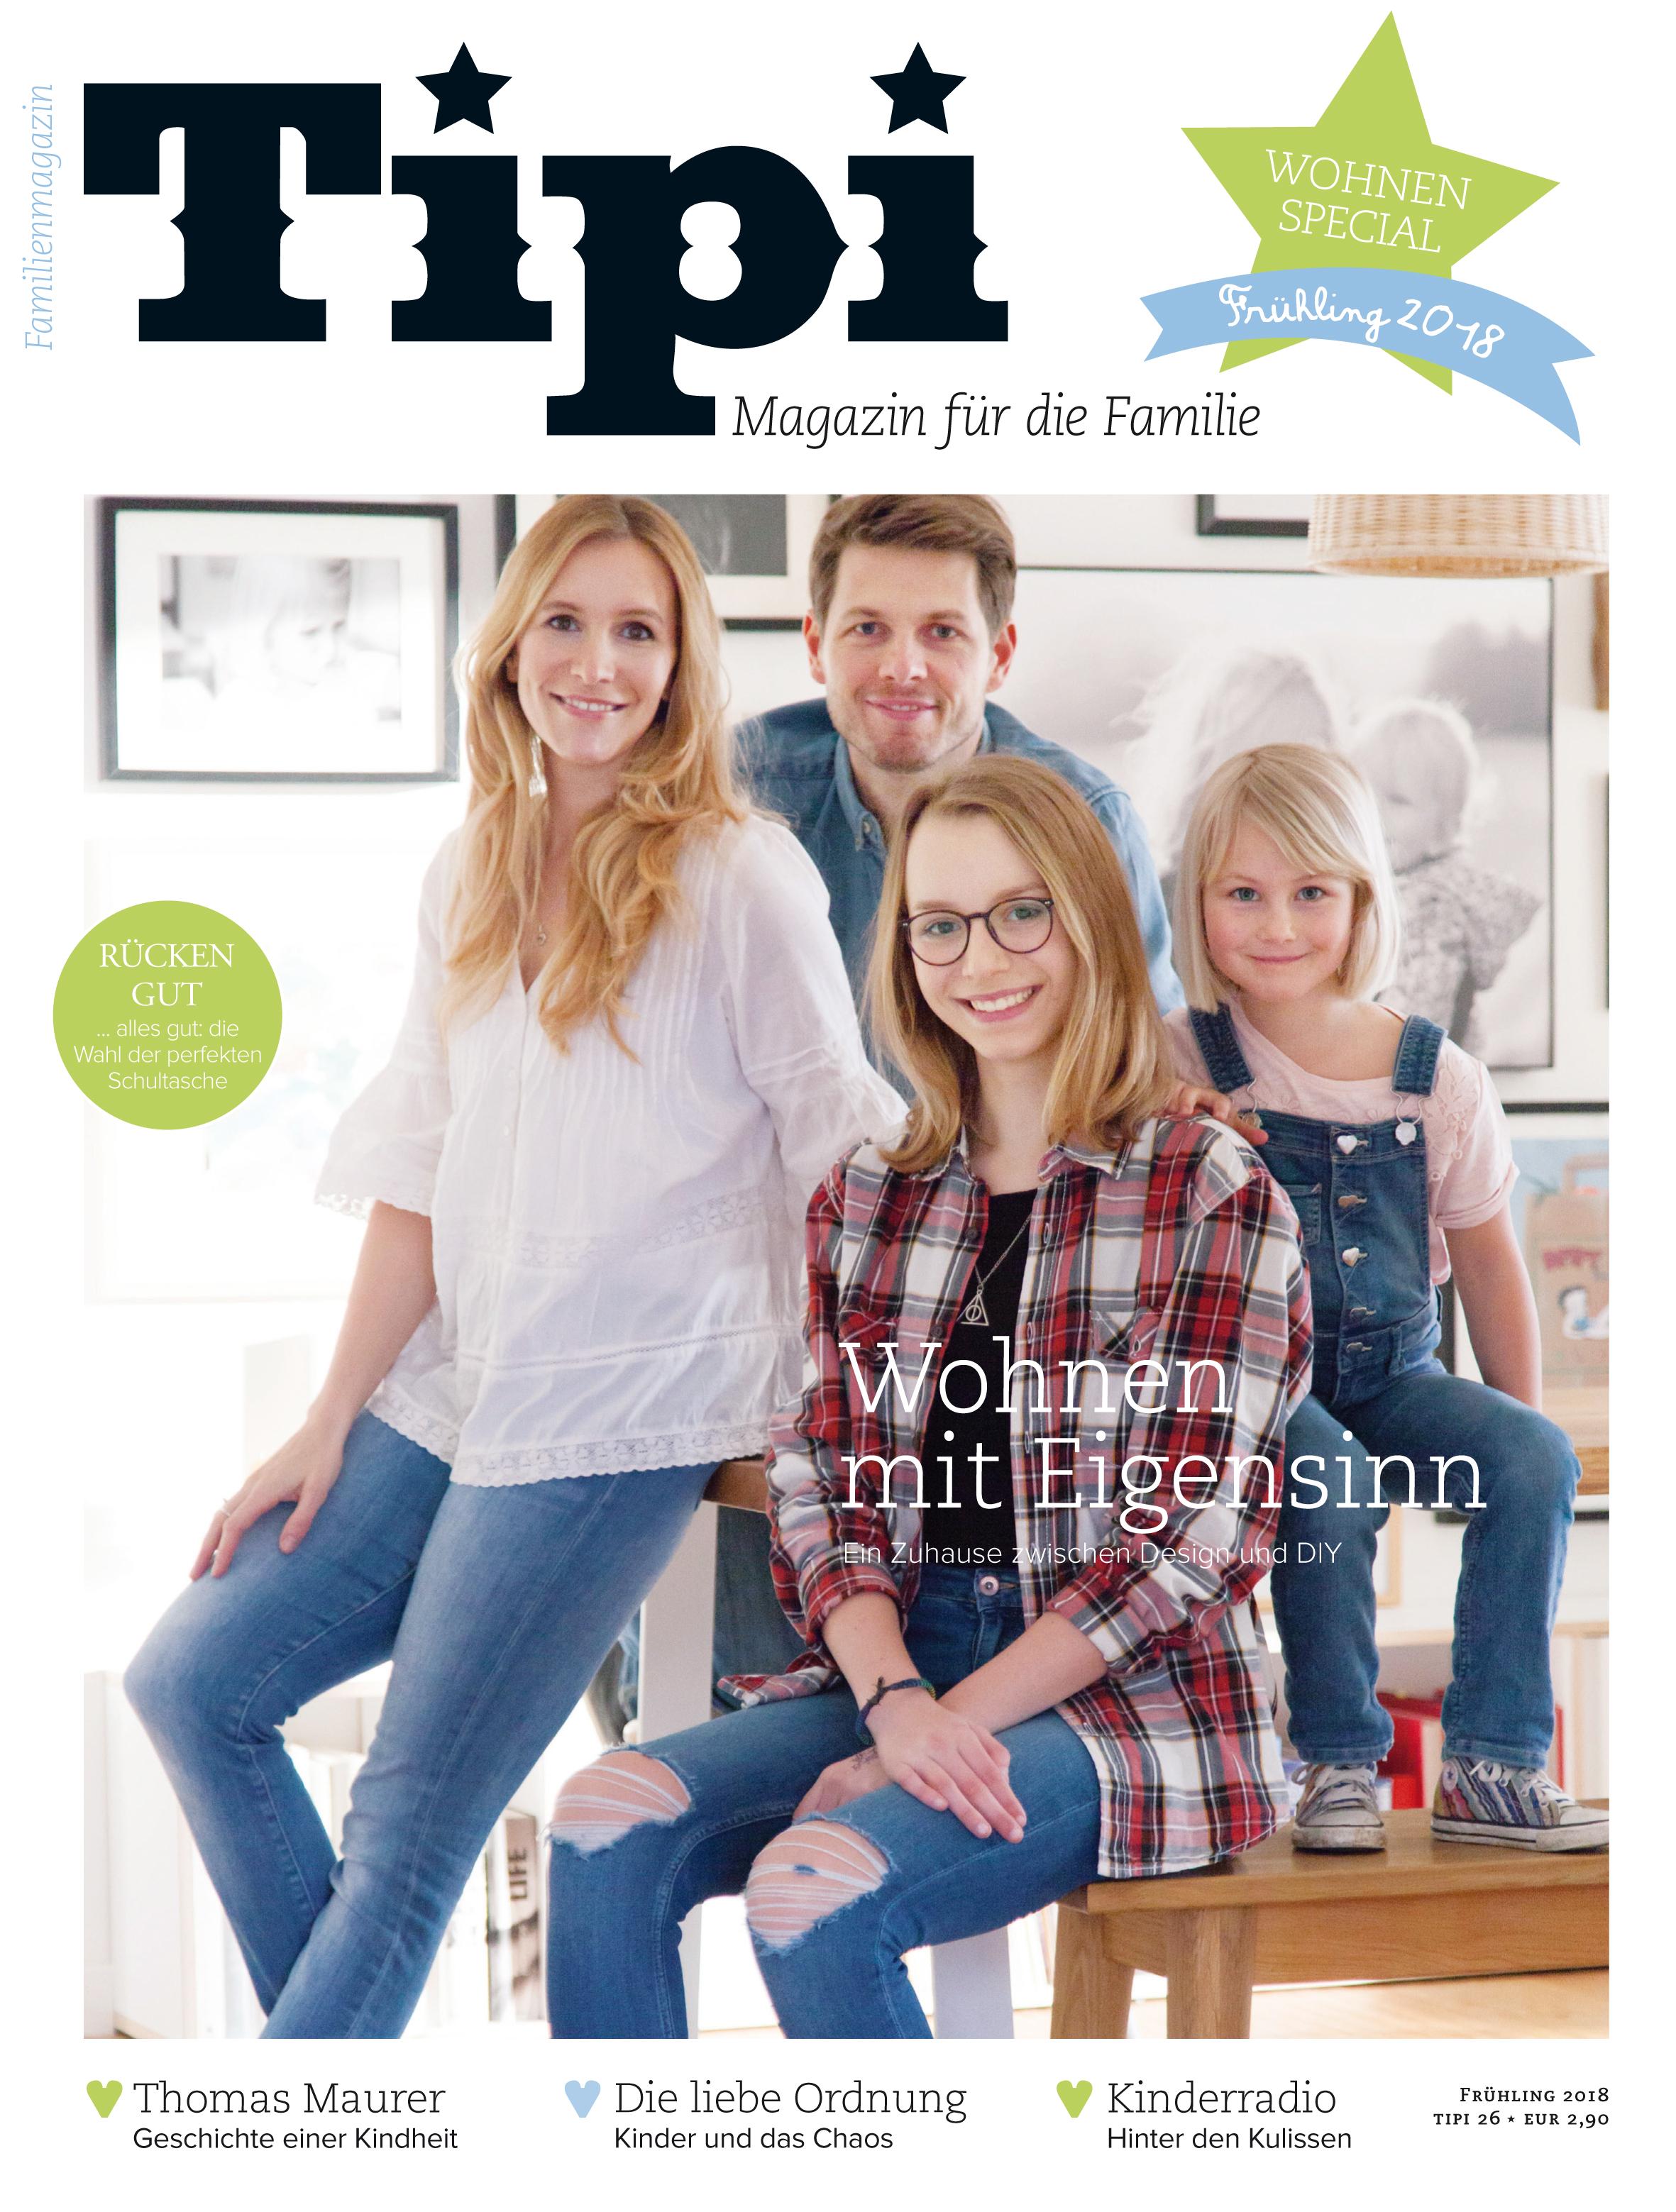 Tipi, das moderne Familienmagazin